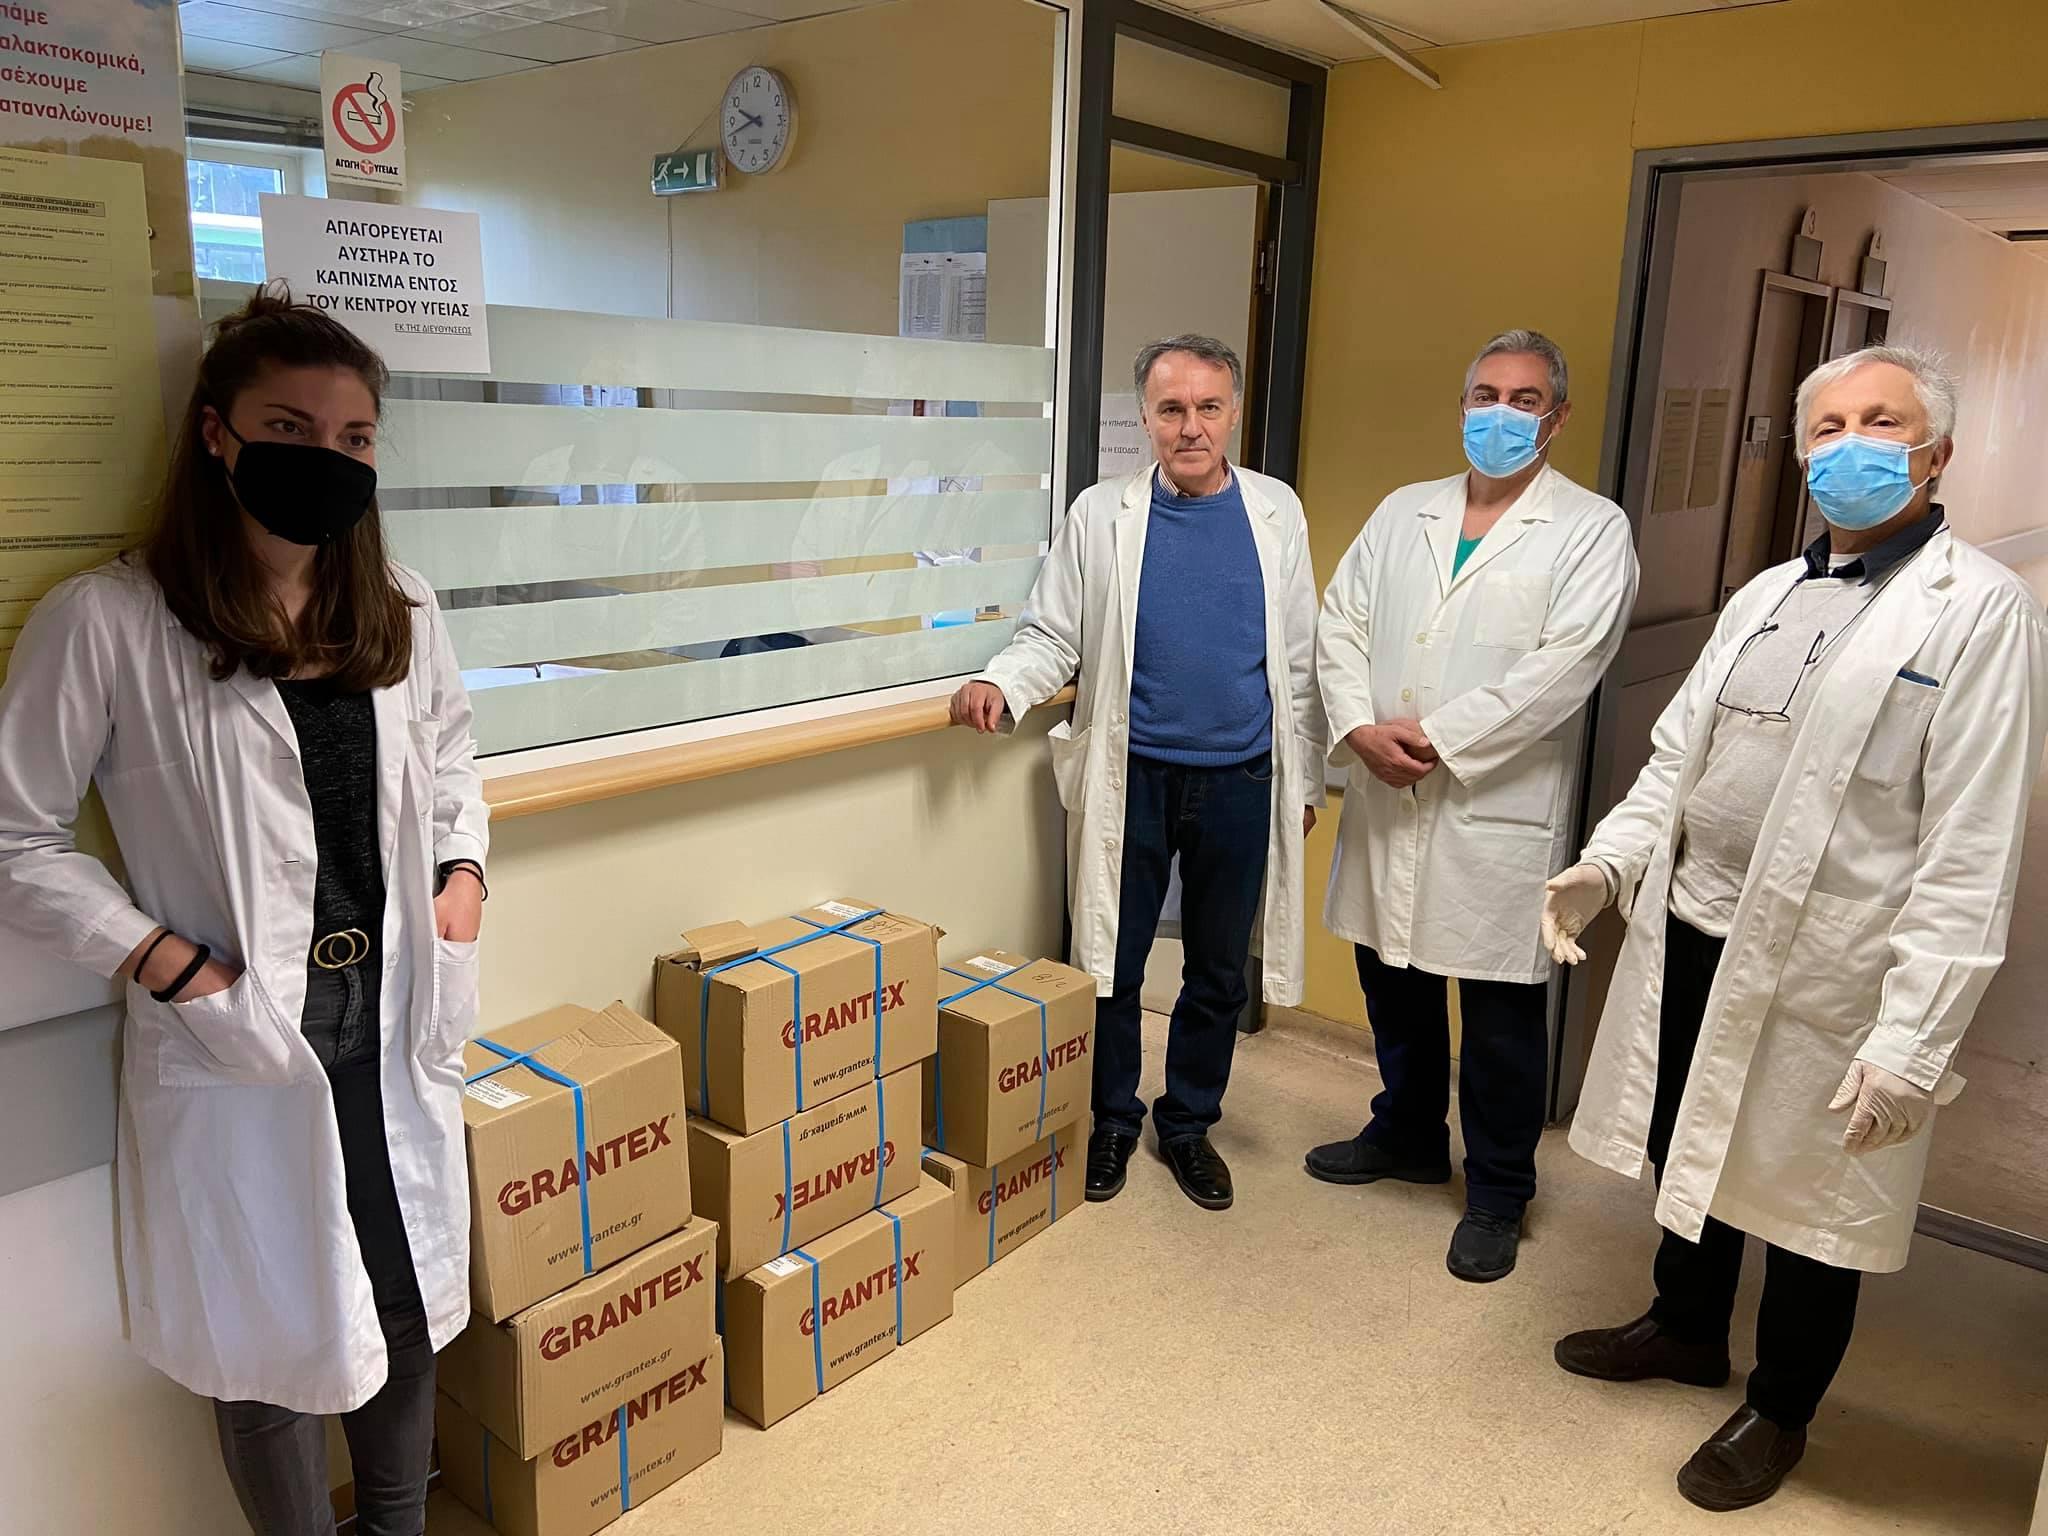 Γιάννης Κοντζιάς, Ιστιαία: Μάσκες και αντισηπτικά παρέδωσε ο Γιάννης Κοντζιάς στο Κέντρο Υγείας, Eviathema.gr | ΕΥΒΟΙΑ ΝΕΑ - Νέα και ειδήσεις από όλη την Εύβοια